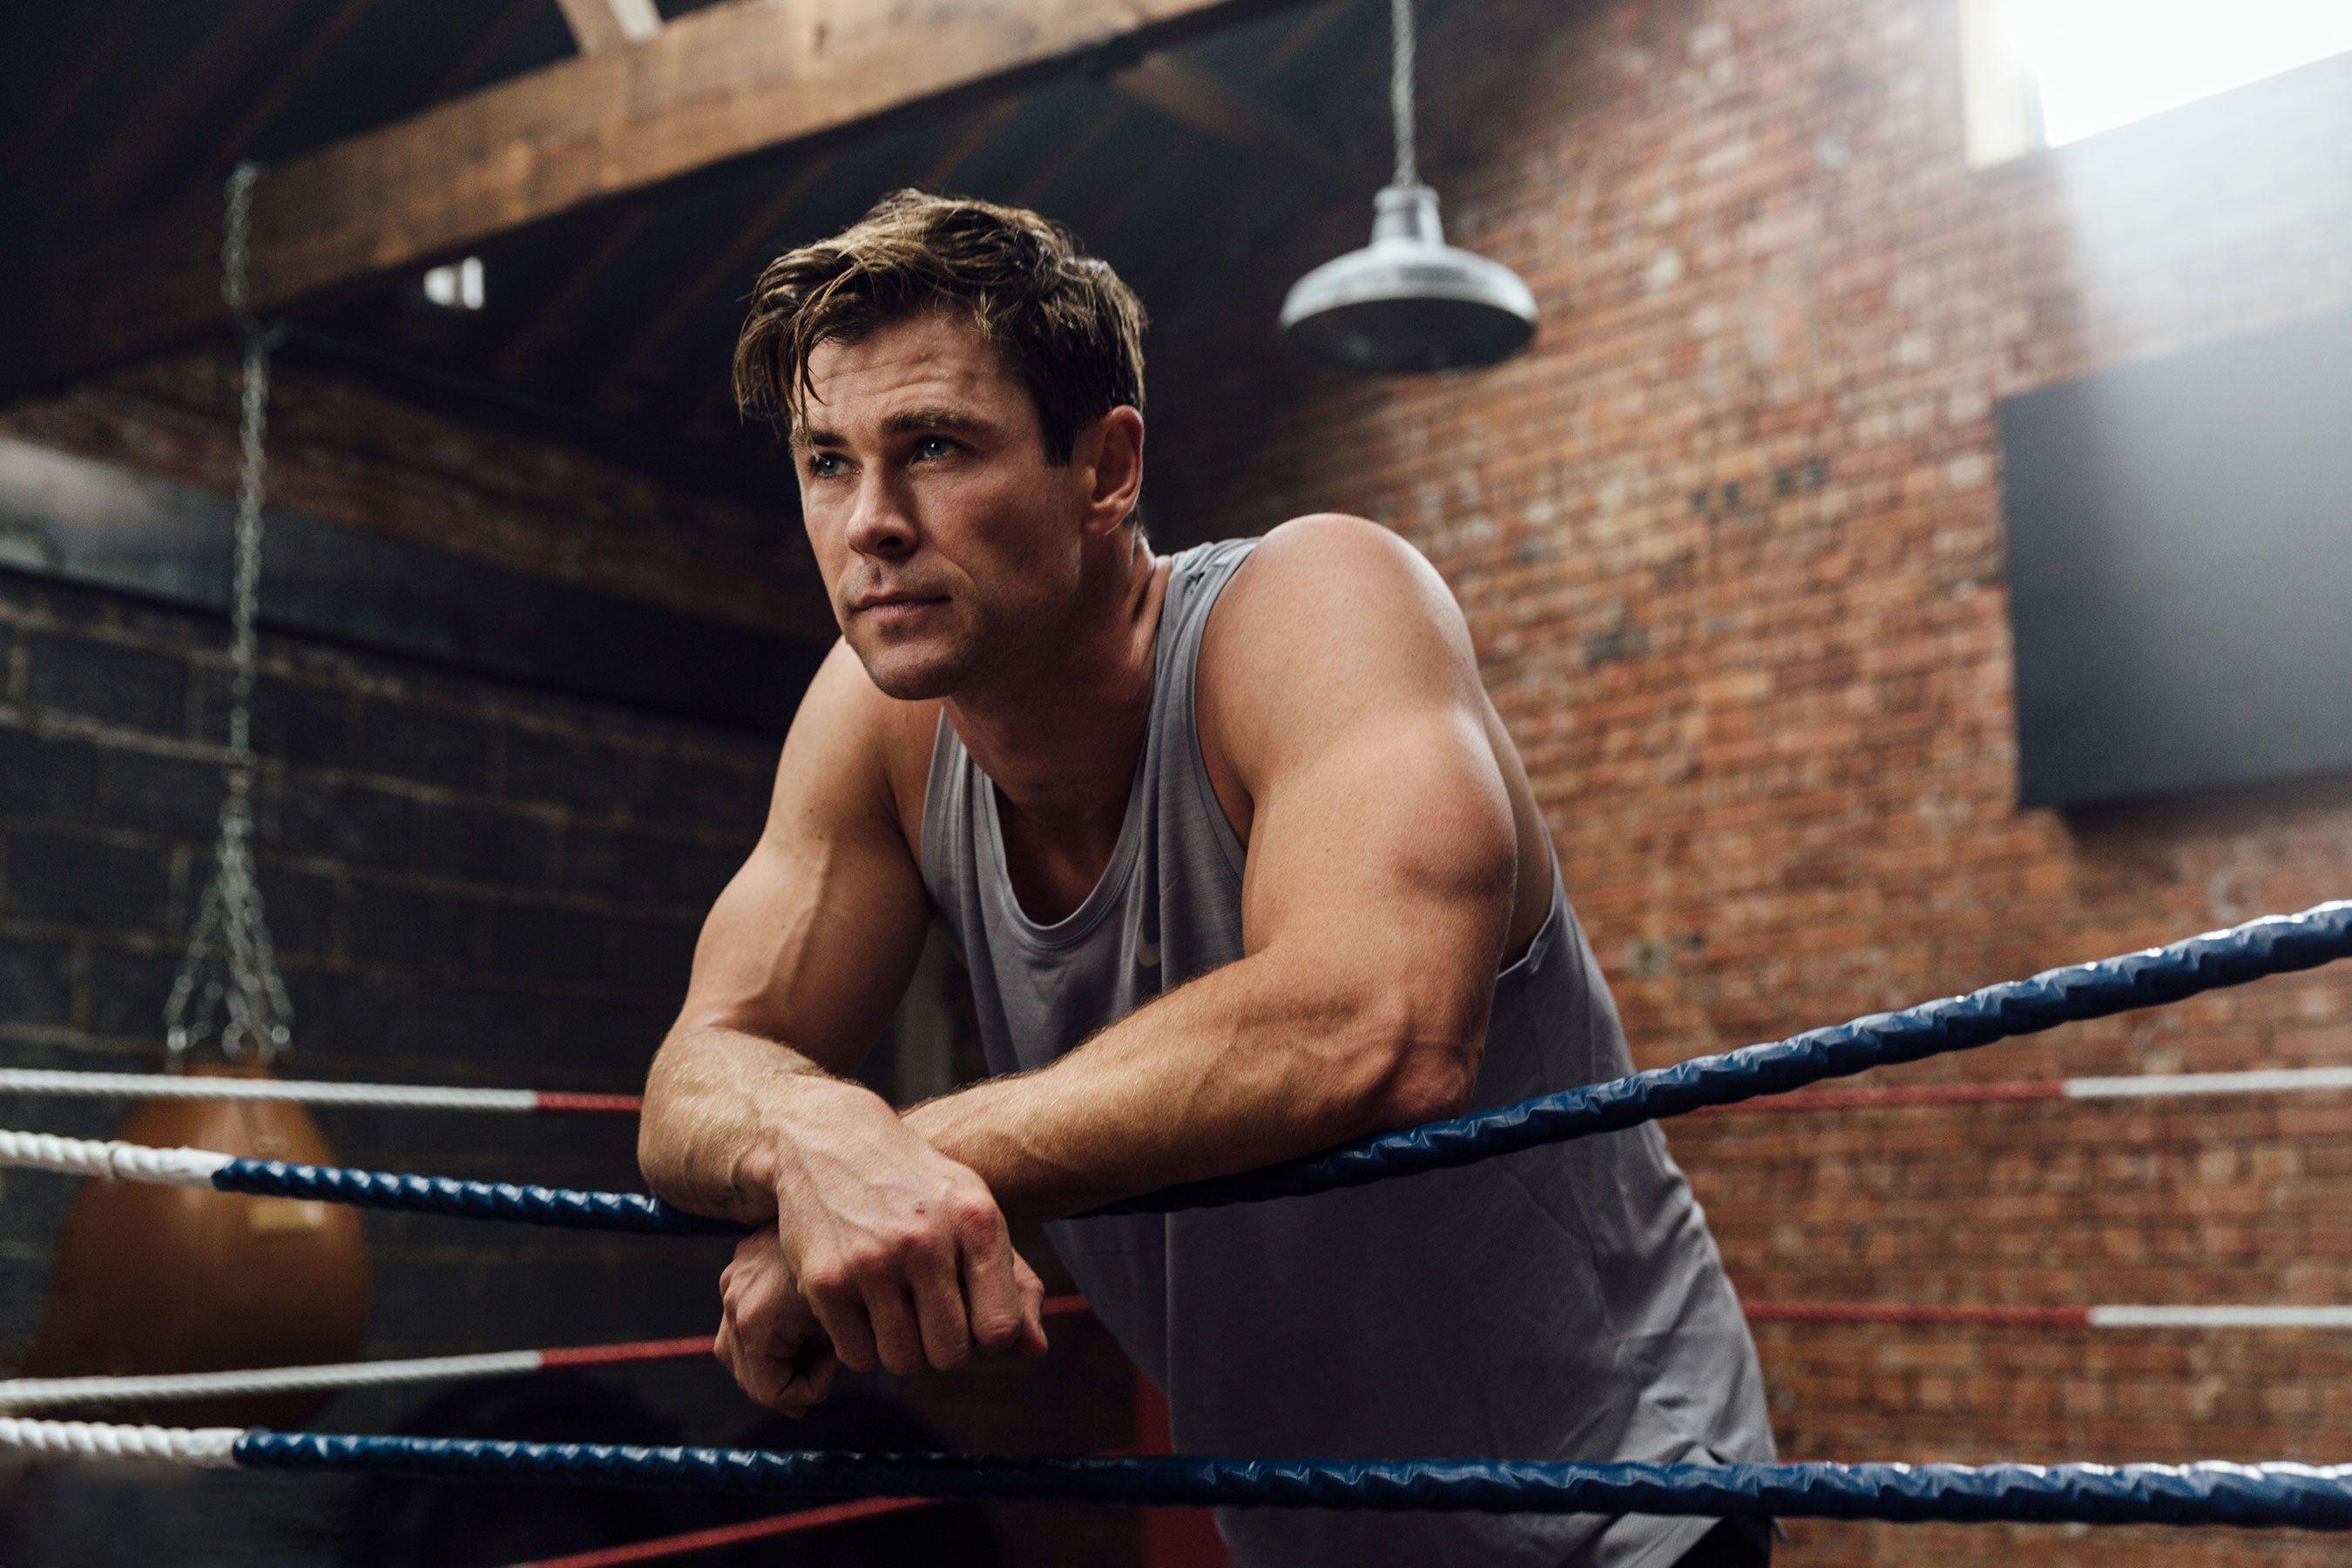 Centr, la app de Chris Hemsworth: todo lo que vamos a encontrar en ...